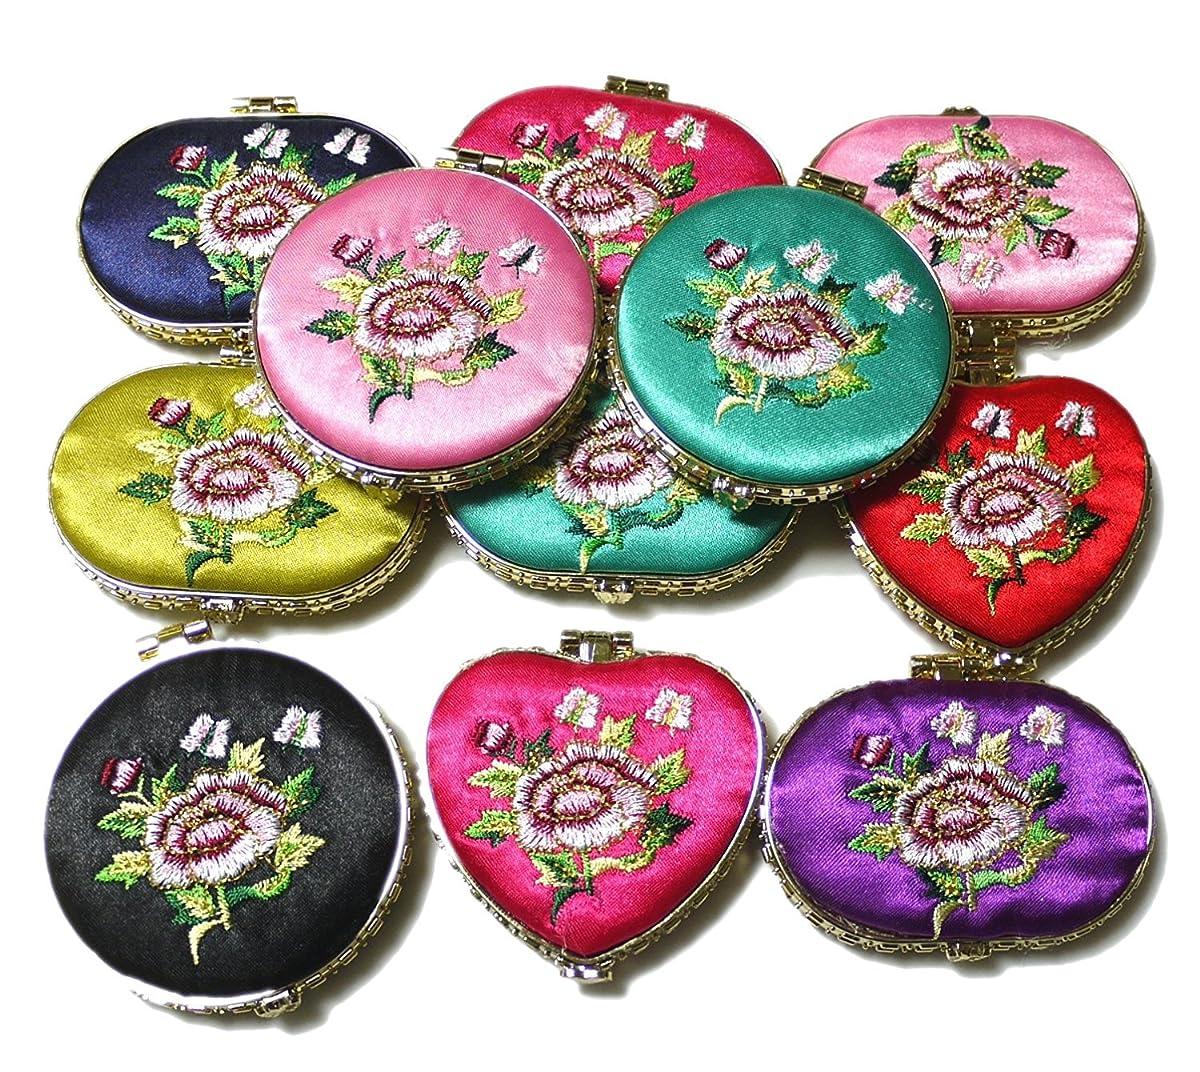 変わるセットアップ保護刺繍柄化粧鏡 (3色セット)ハンドミラー 中国雑貨 西安民俗工芸品